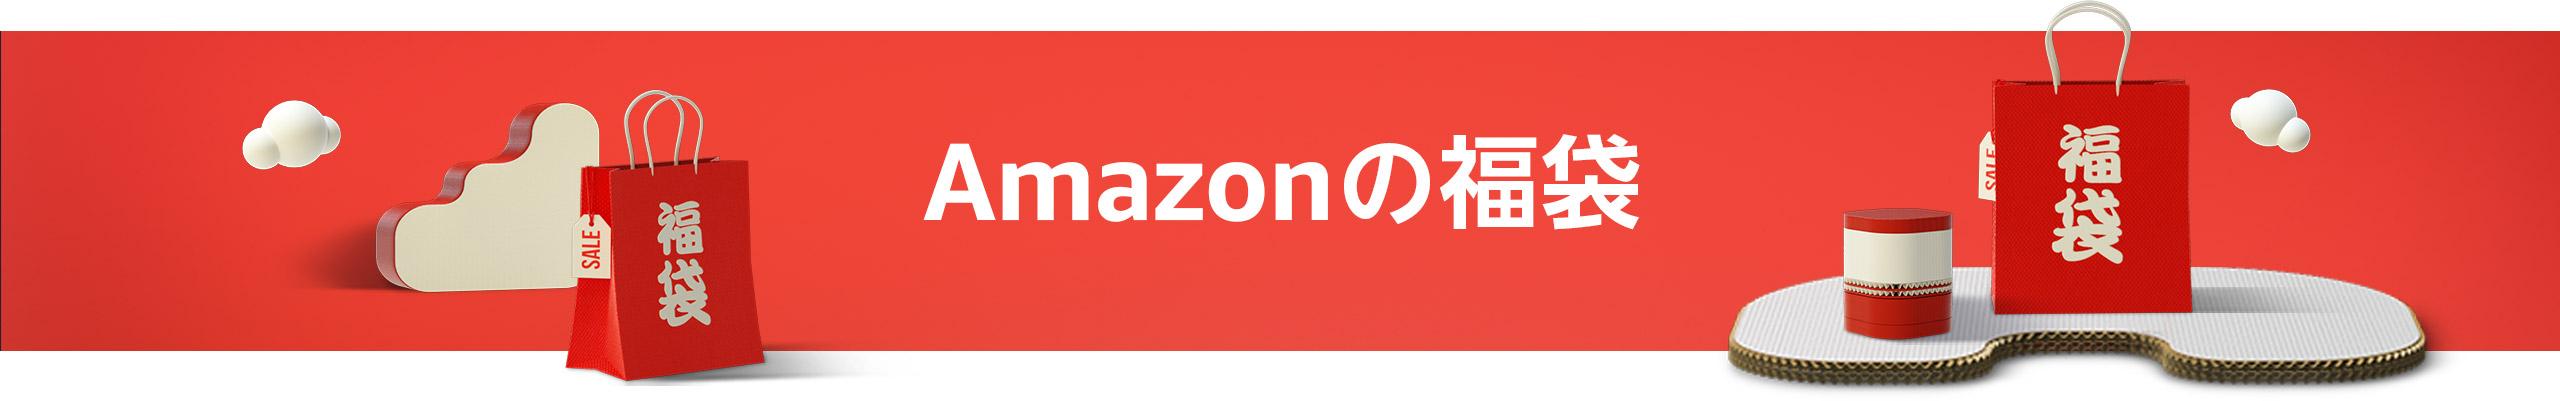 Amazonの福袋